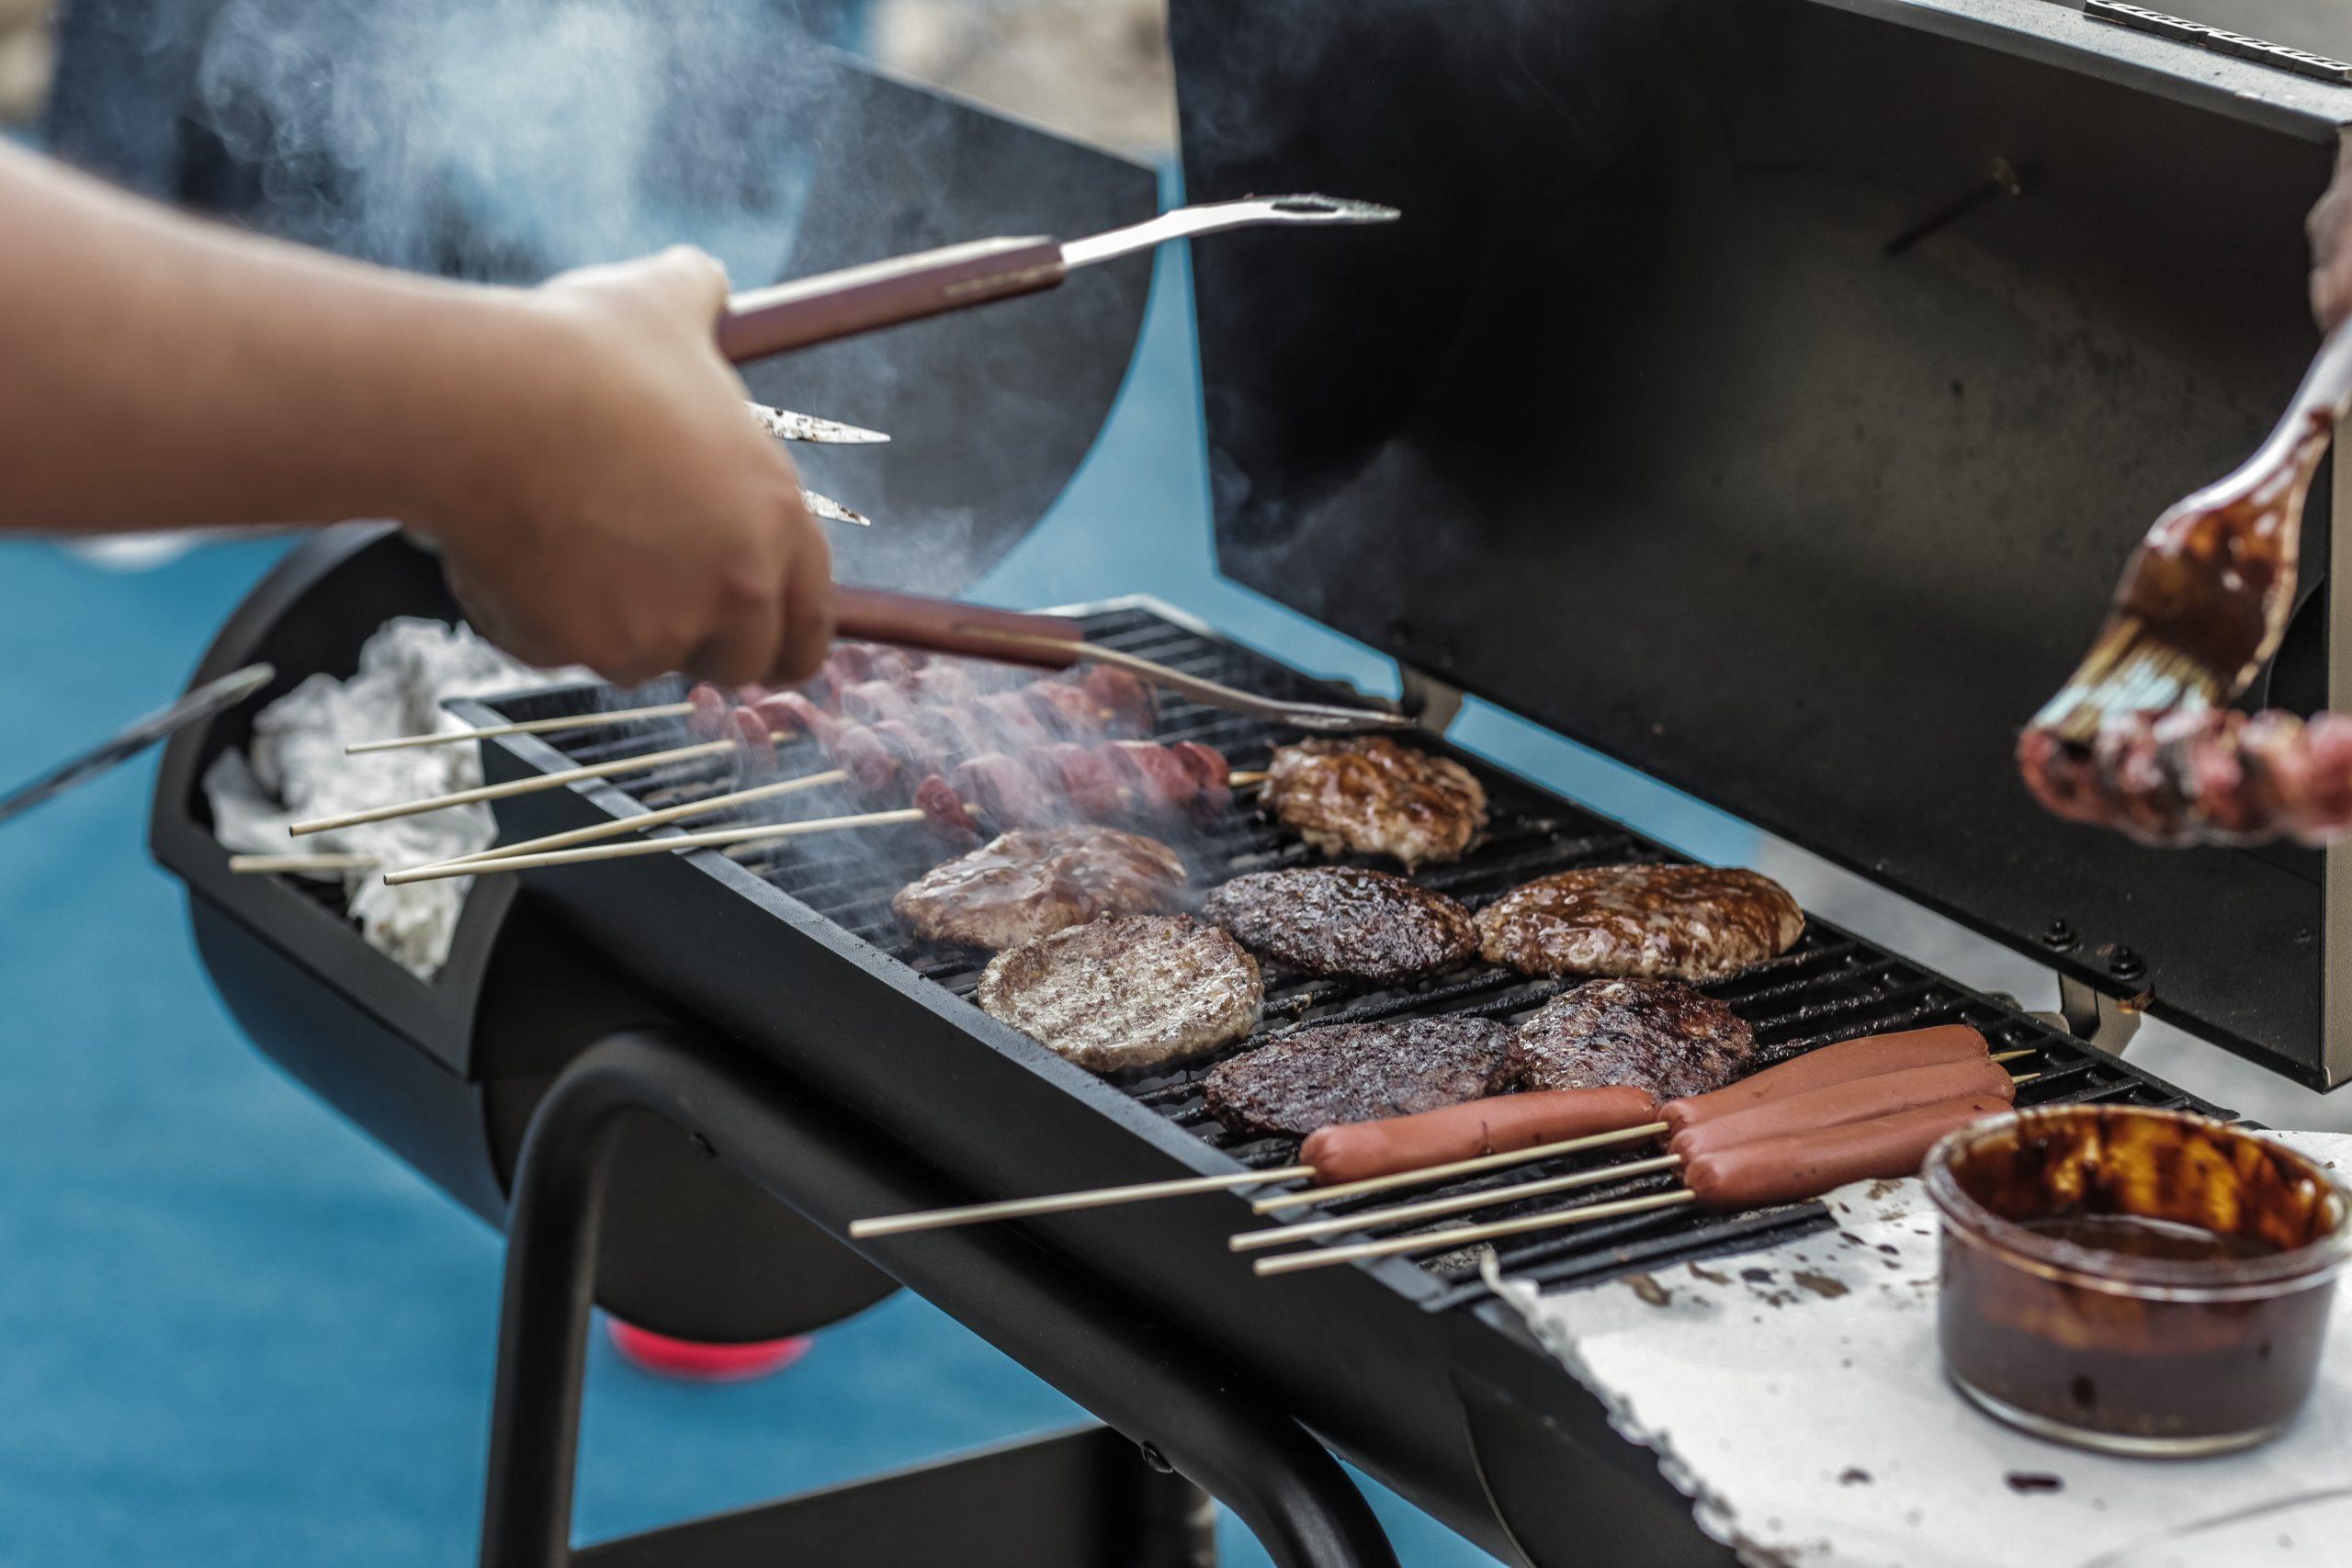 Na foto uma churrasqueira com hambúrgueres e salsichas e a mão de uma pessoa com um pegador.